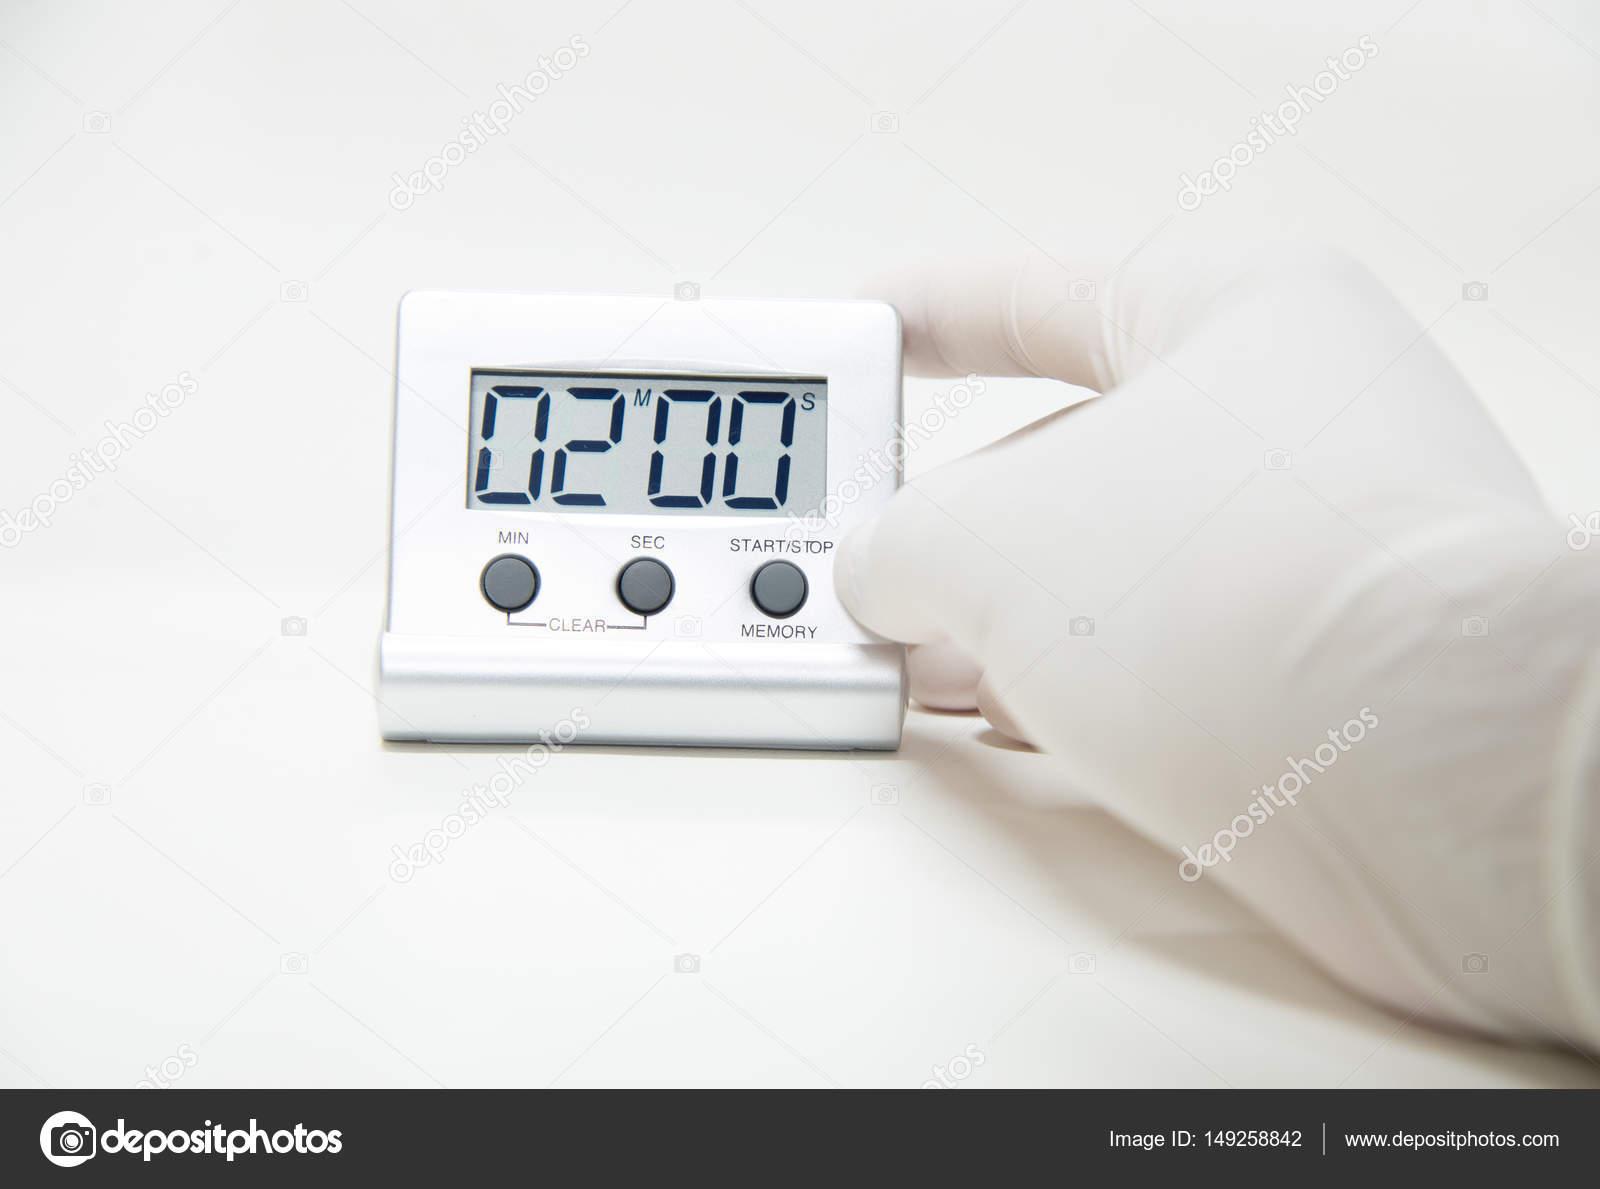 Equipo de laboratorio temporizador pruebas couting dow de tiempo ...